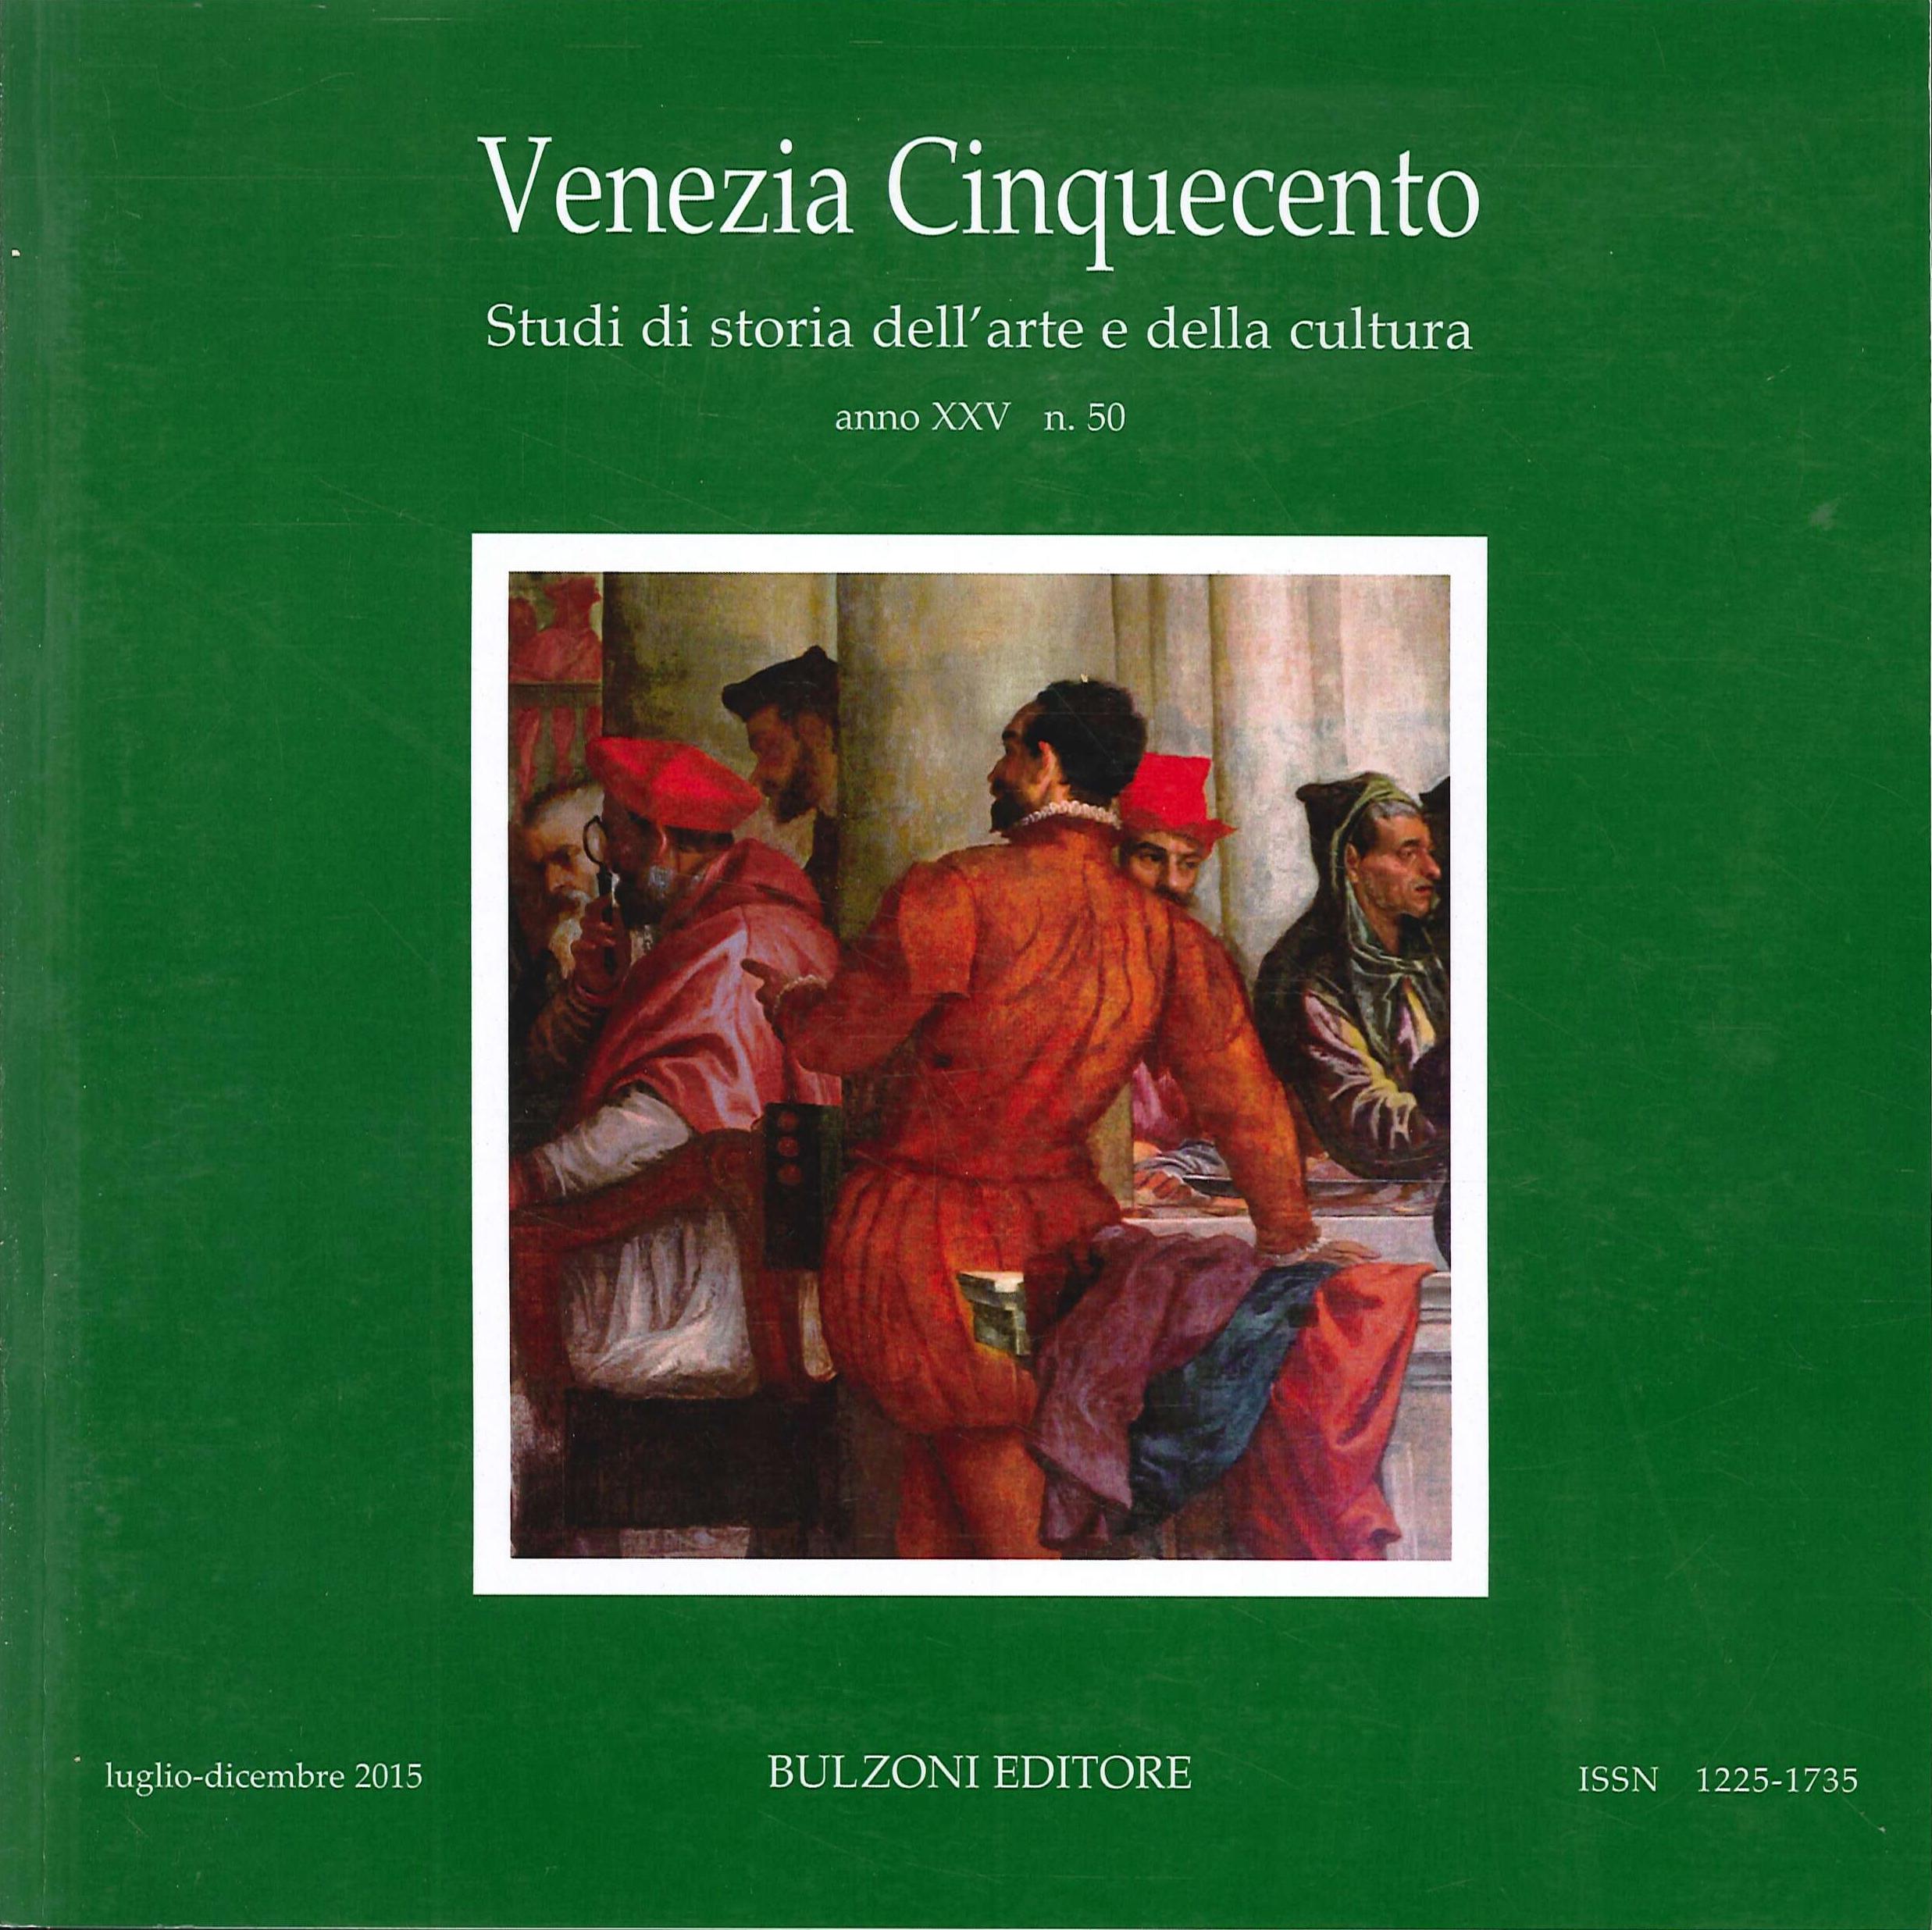 Venezia Cinquecento. Studi di storia dell'arte e della cultura. 50. XXV. 2015. Luglio-Dicembre